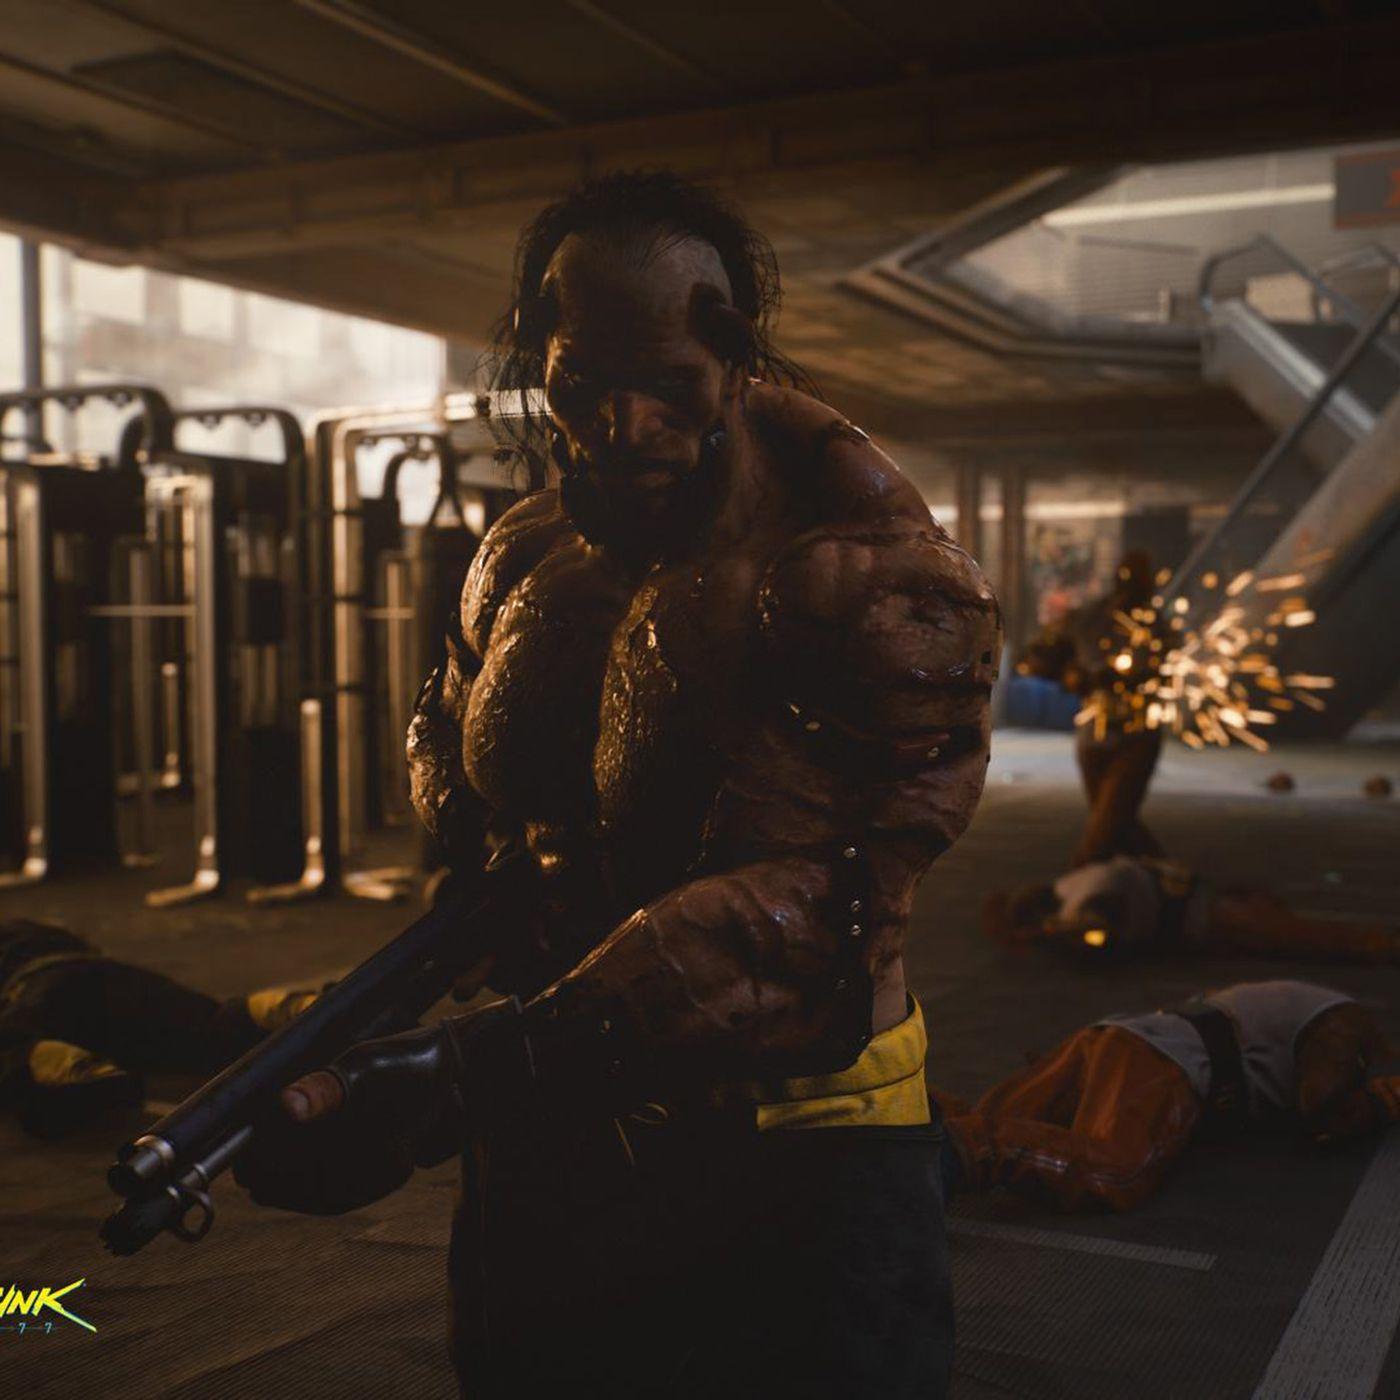 Una foto de los Animales, del Gameplay mostrado en la MGW.